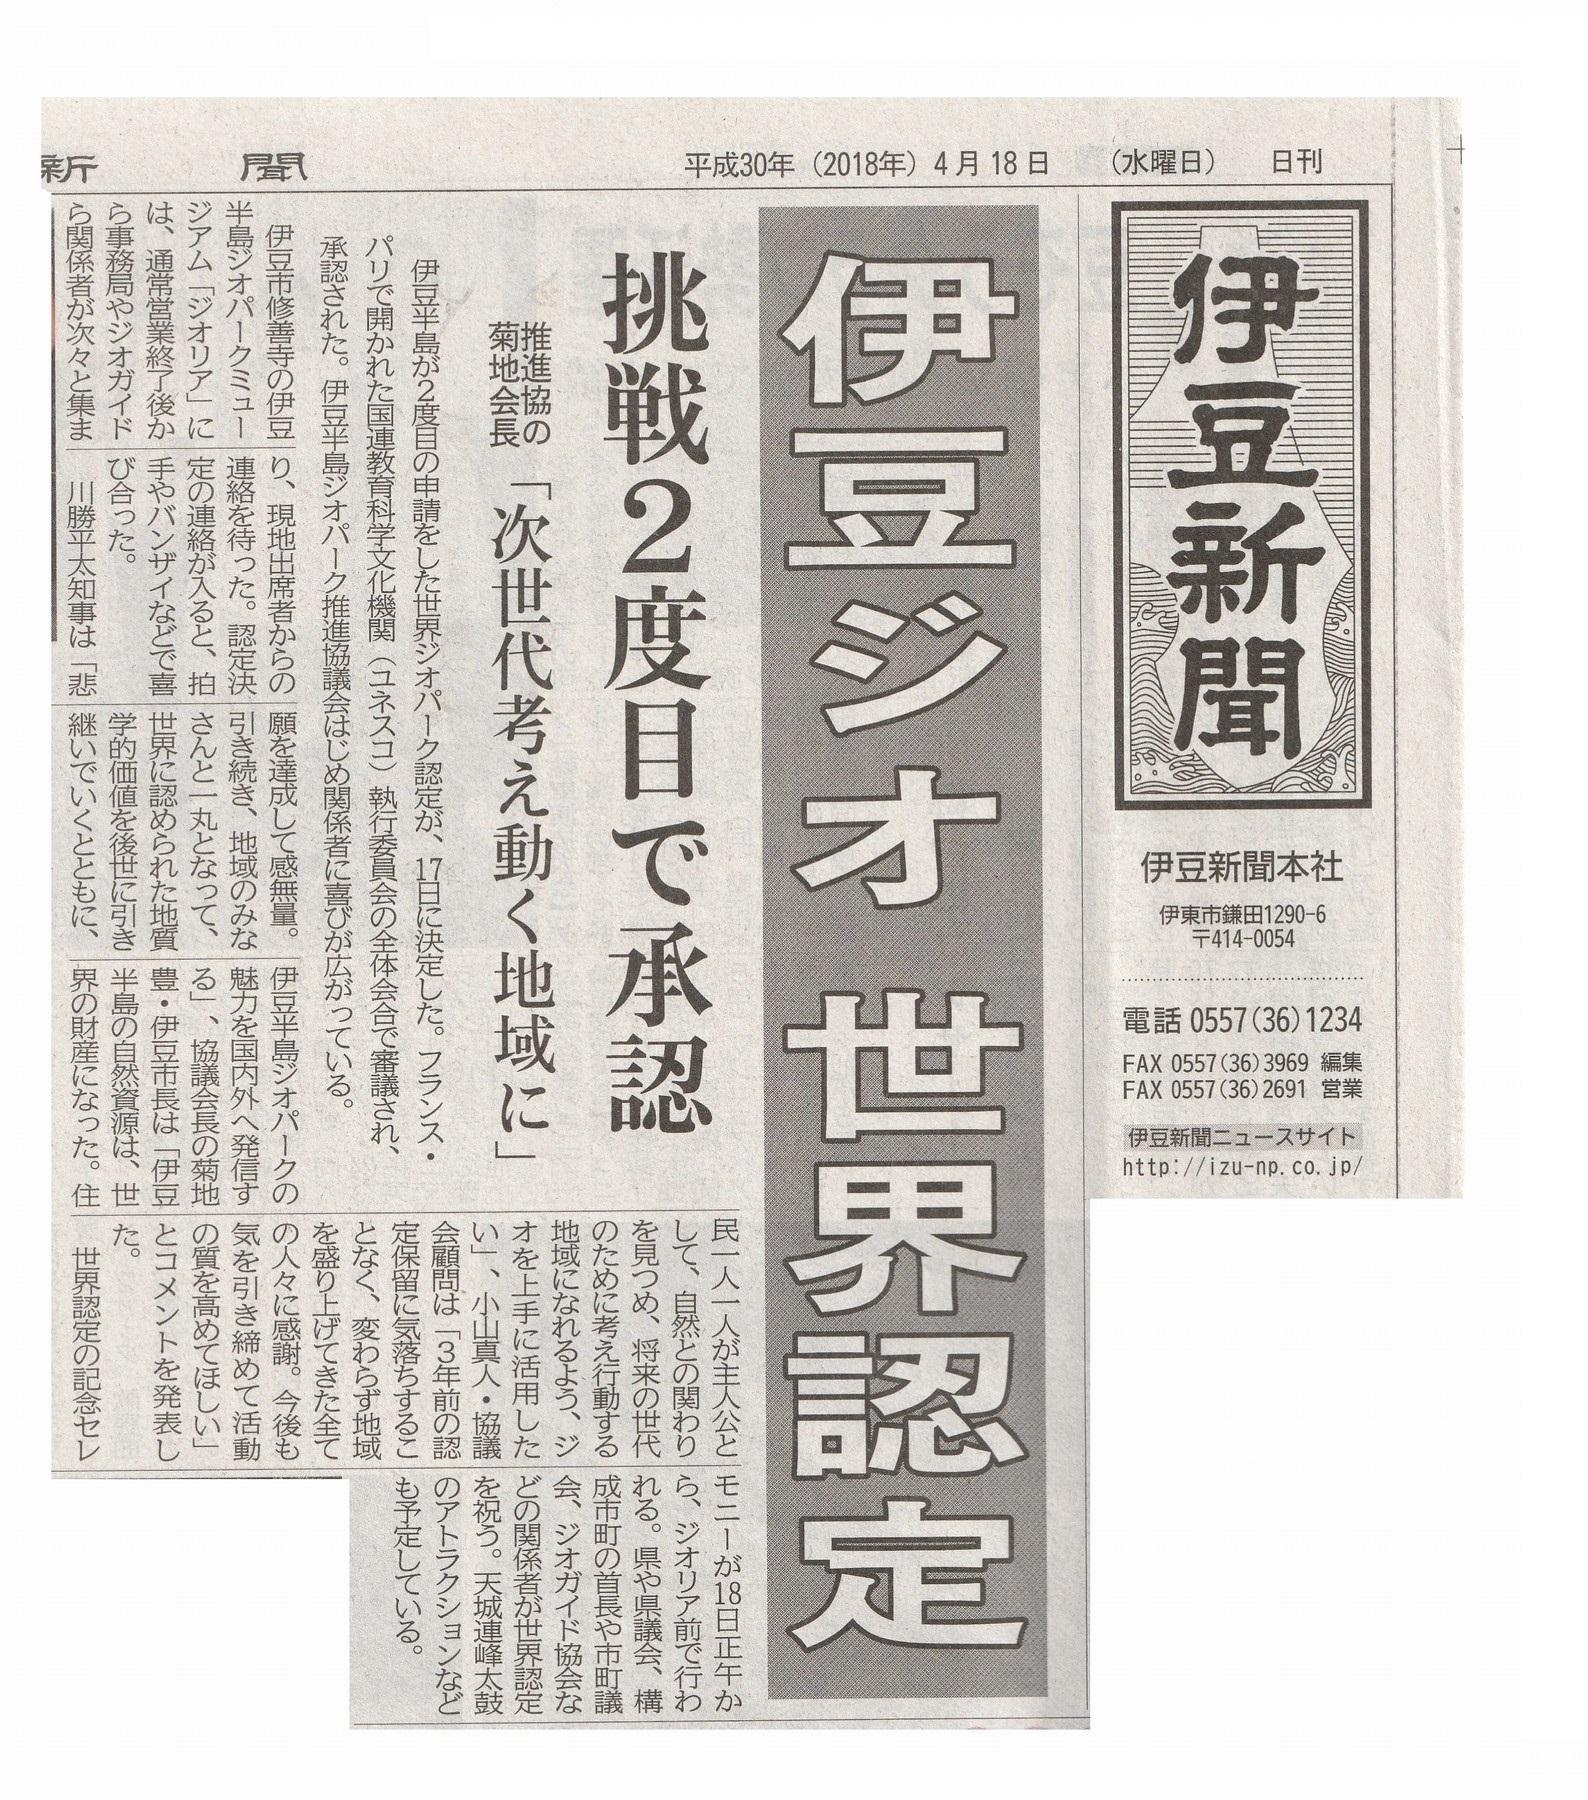 http://magaret.jp/mt_img/%E3%82%B8%E3%82%AA%E4%BC%8A%E8%B1%86%E6%96%B0%E8%81%9E_JALAN_180419.jpg